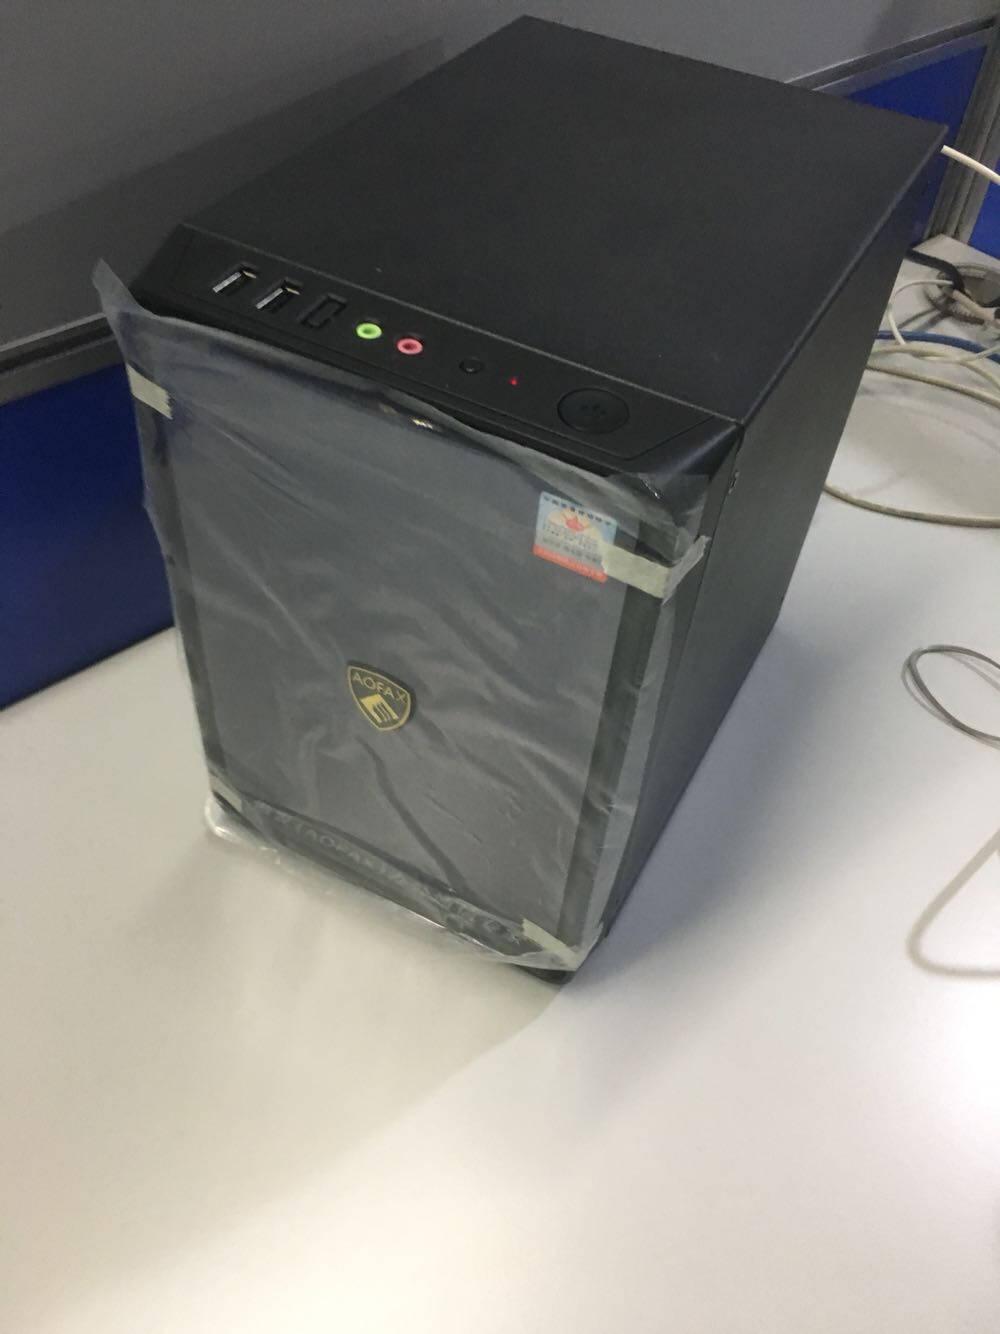 傲发(AOFAX)A80X无纸数码网络传真机多路传真服务器系统传真群发设备A802(支持2条电话线)